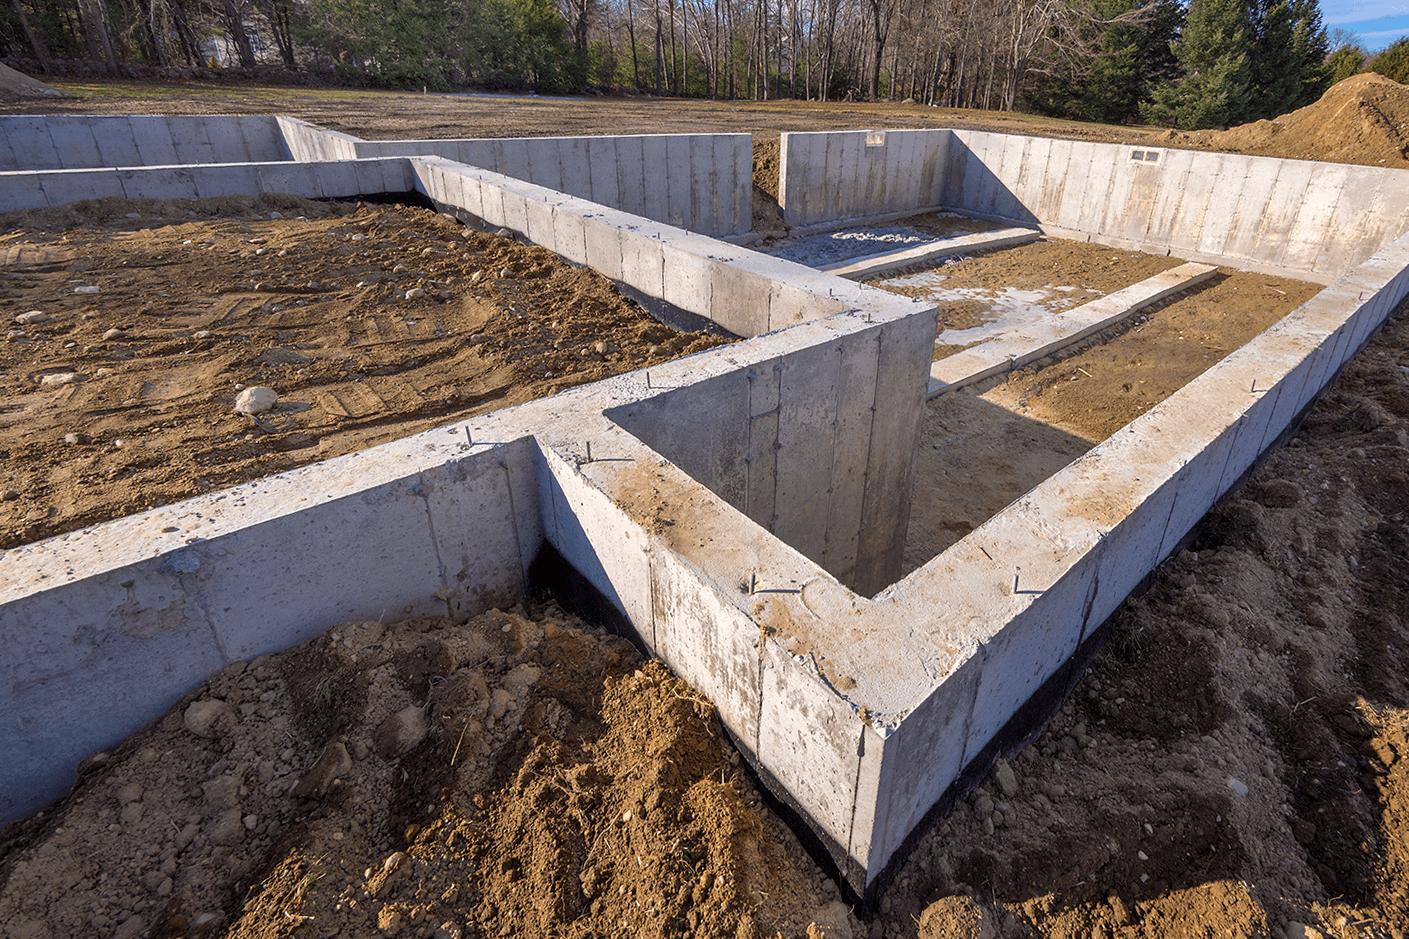 залить фундамент под дом в беларуси цена